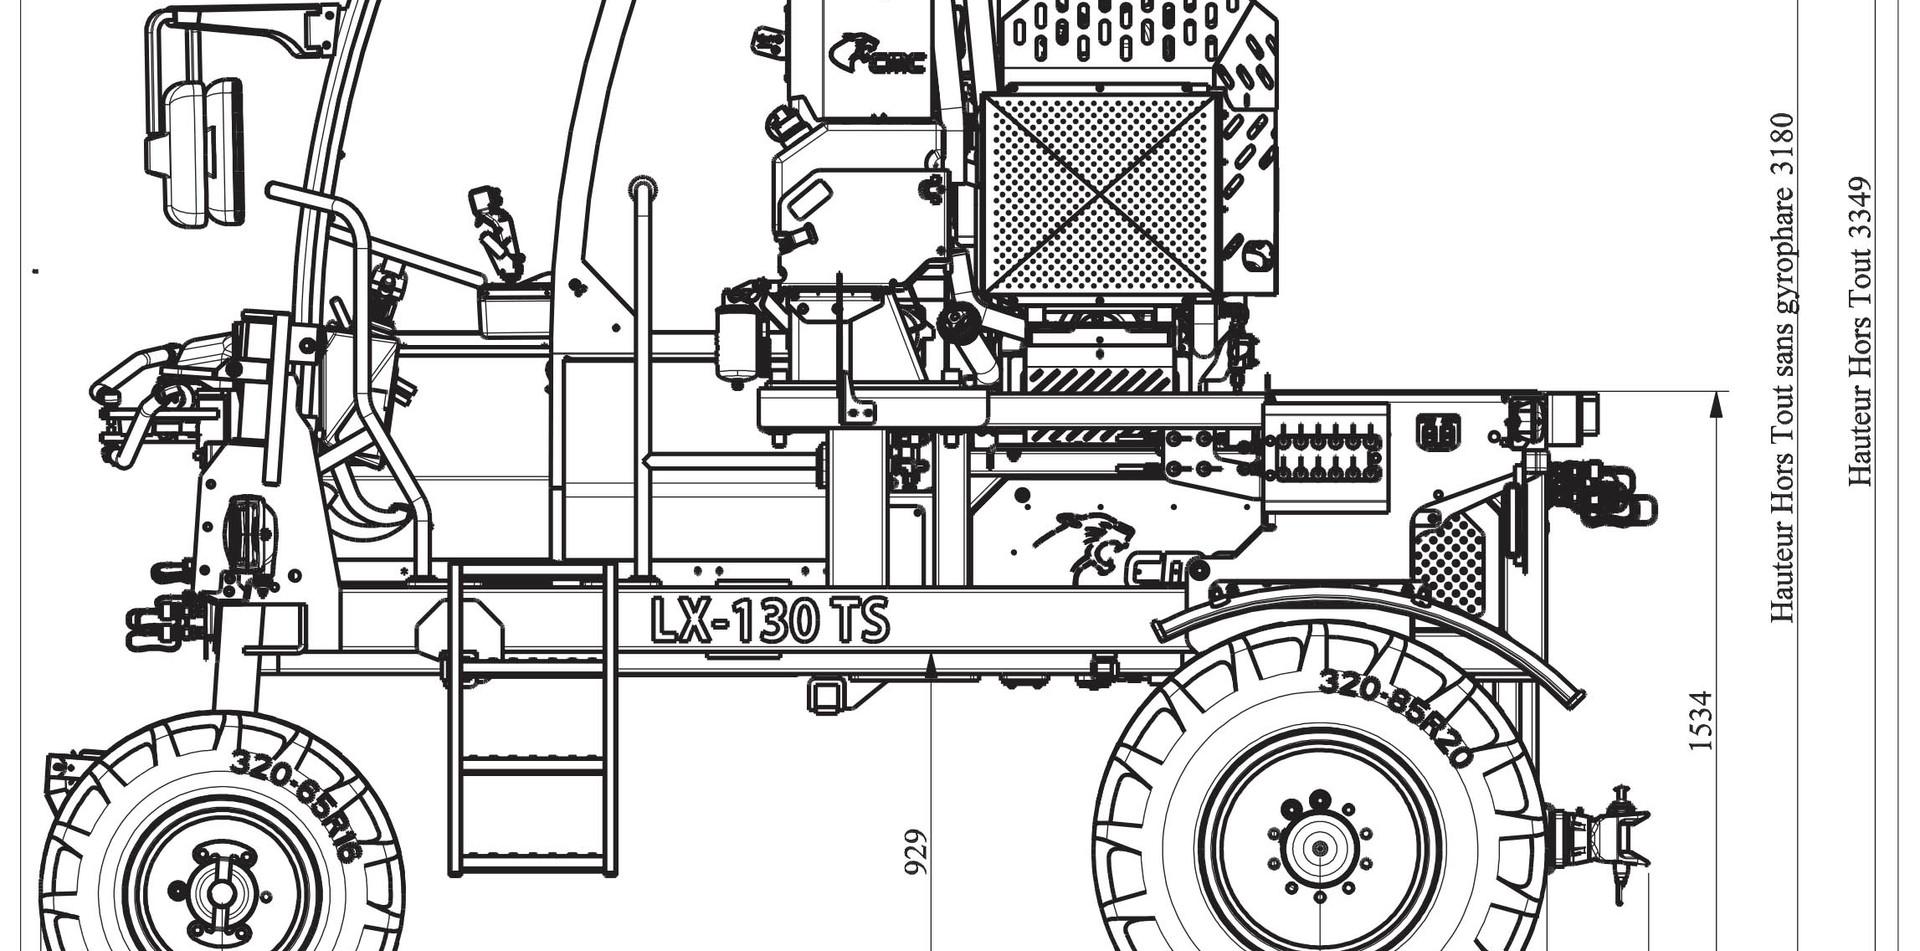 CMC_LX-130 TS-dessin technique.jpg